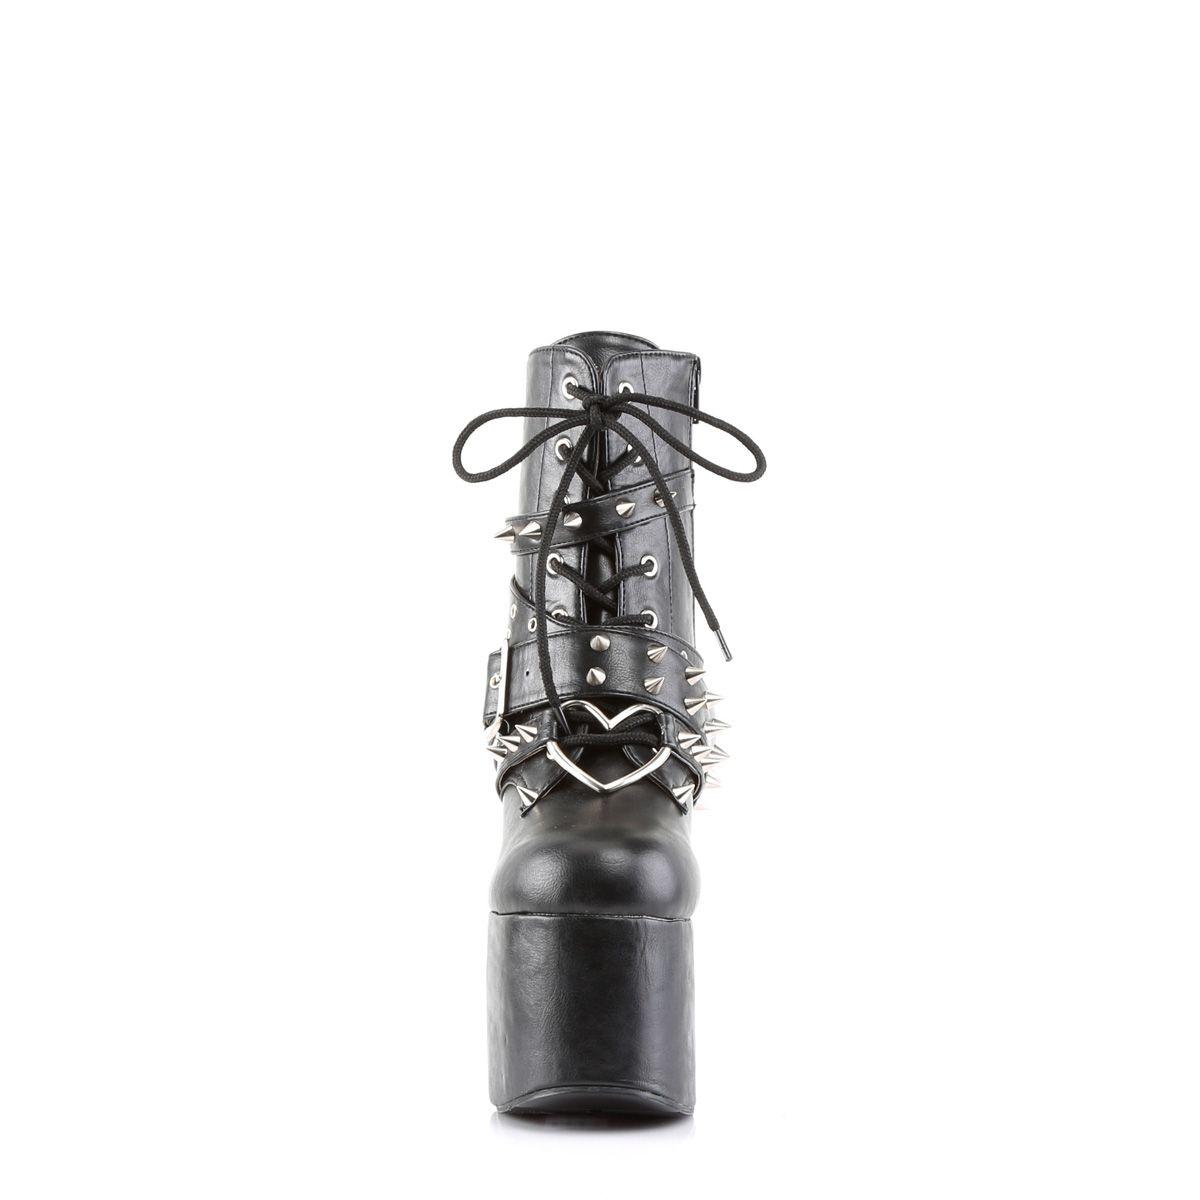 Bota Torment 700 Cano Curto - Demonia (encomenda)